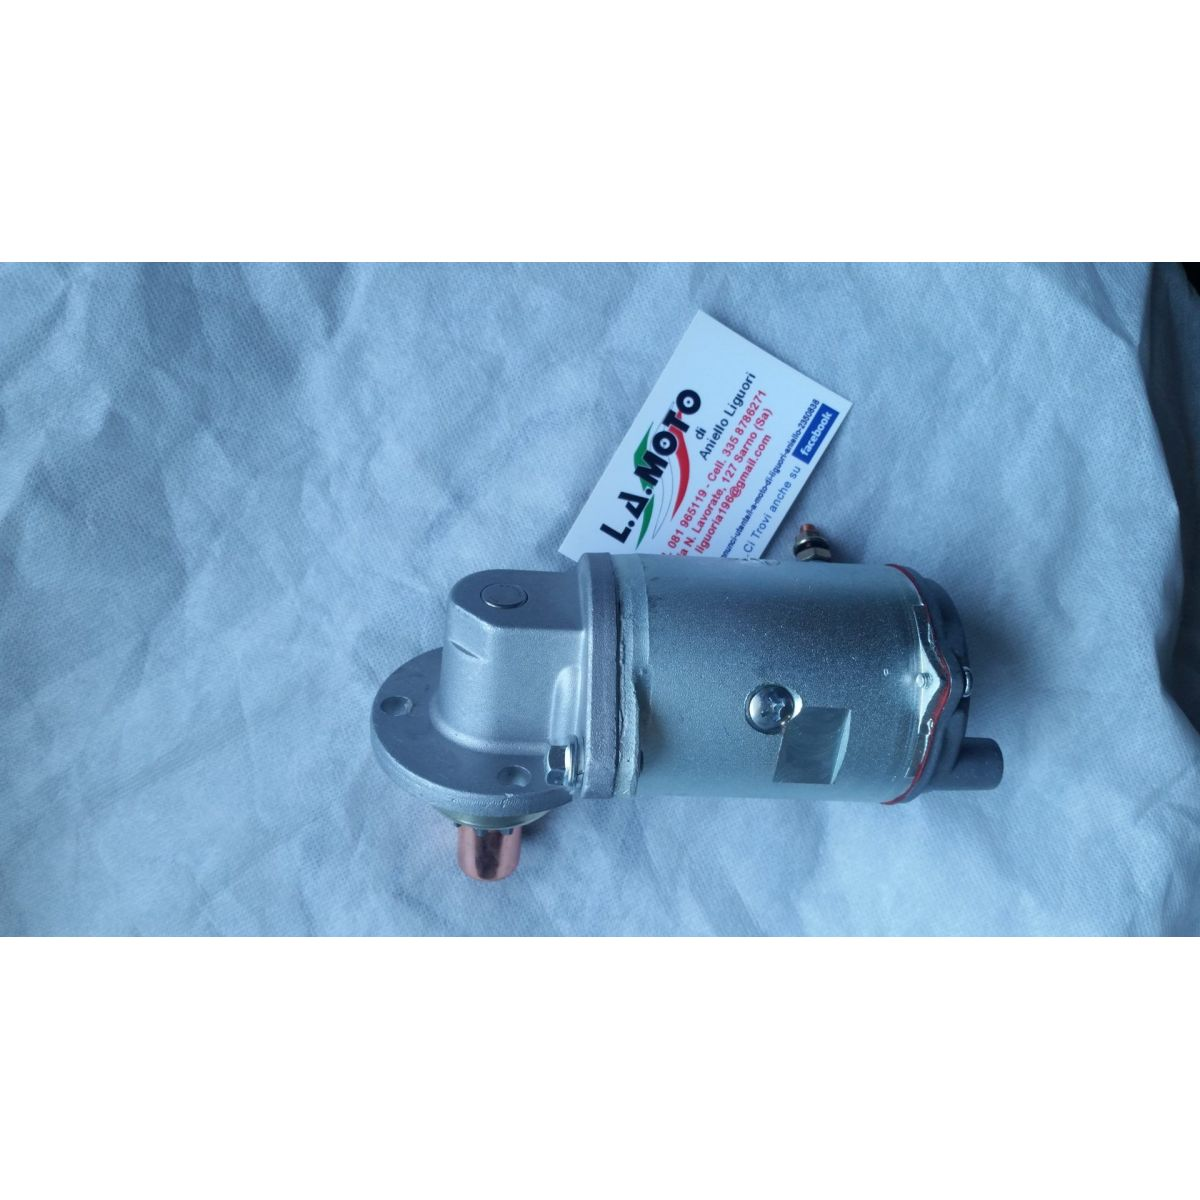 motorino di avviamento per vespa PX 125  150  200